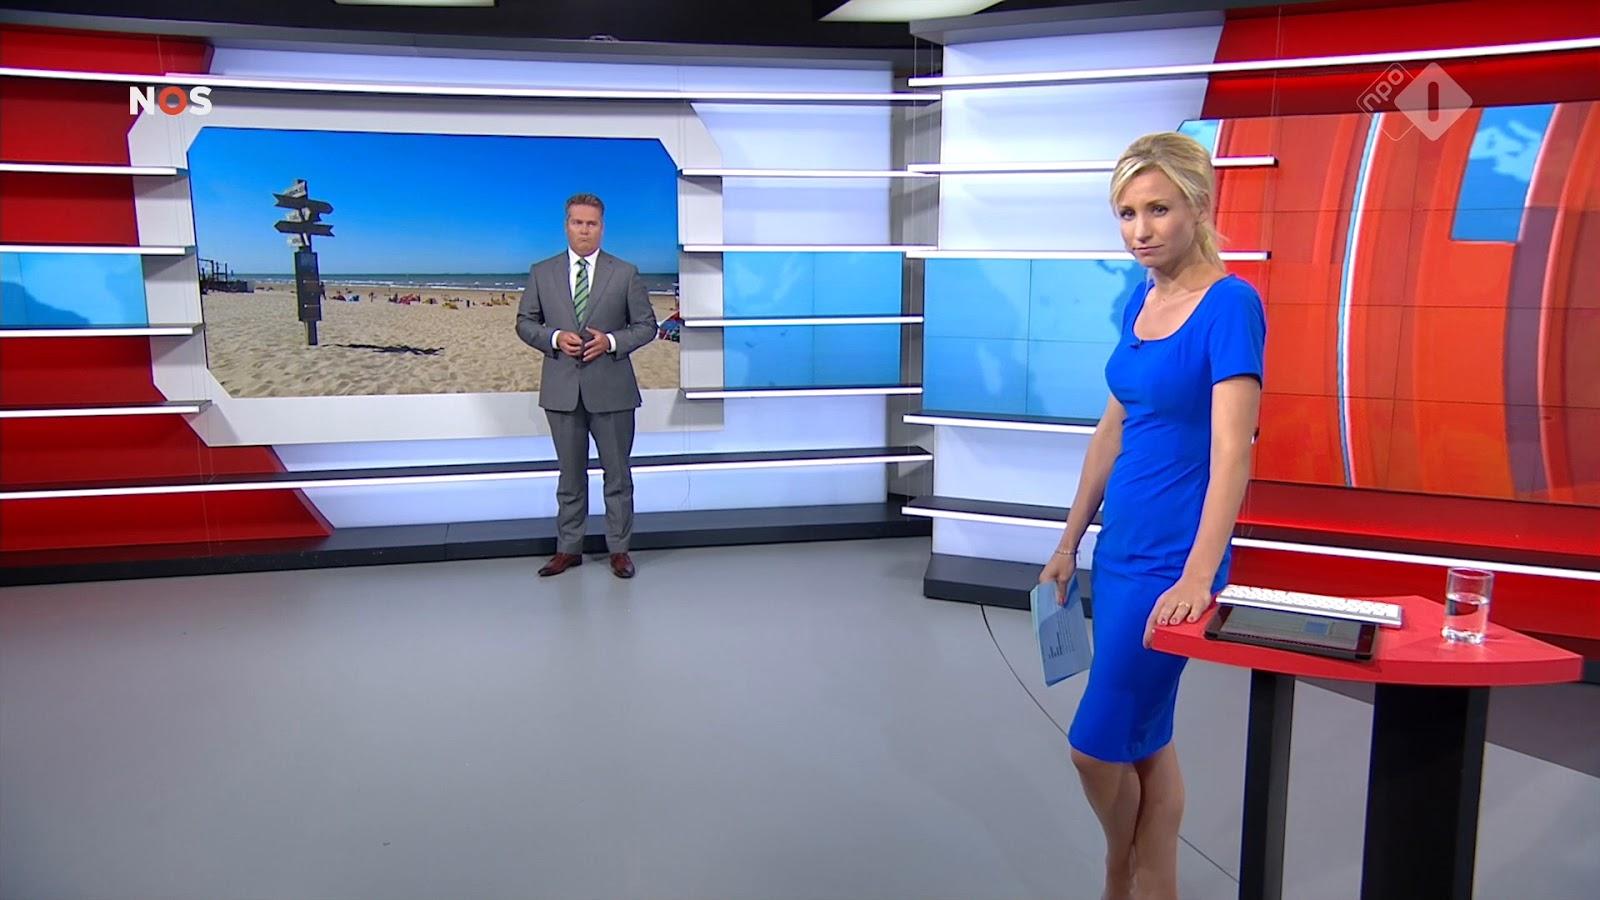 Dionne stax dionne stax presenteert nos journaal tijdelijk vanuit andere studio tijdens verbouwing for Van de tv